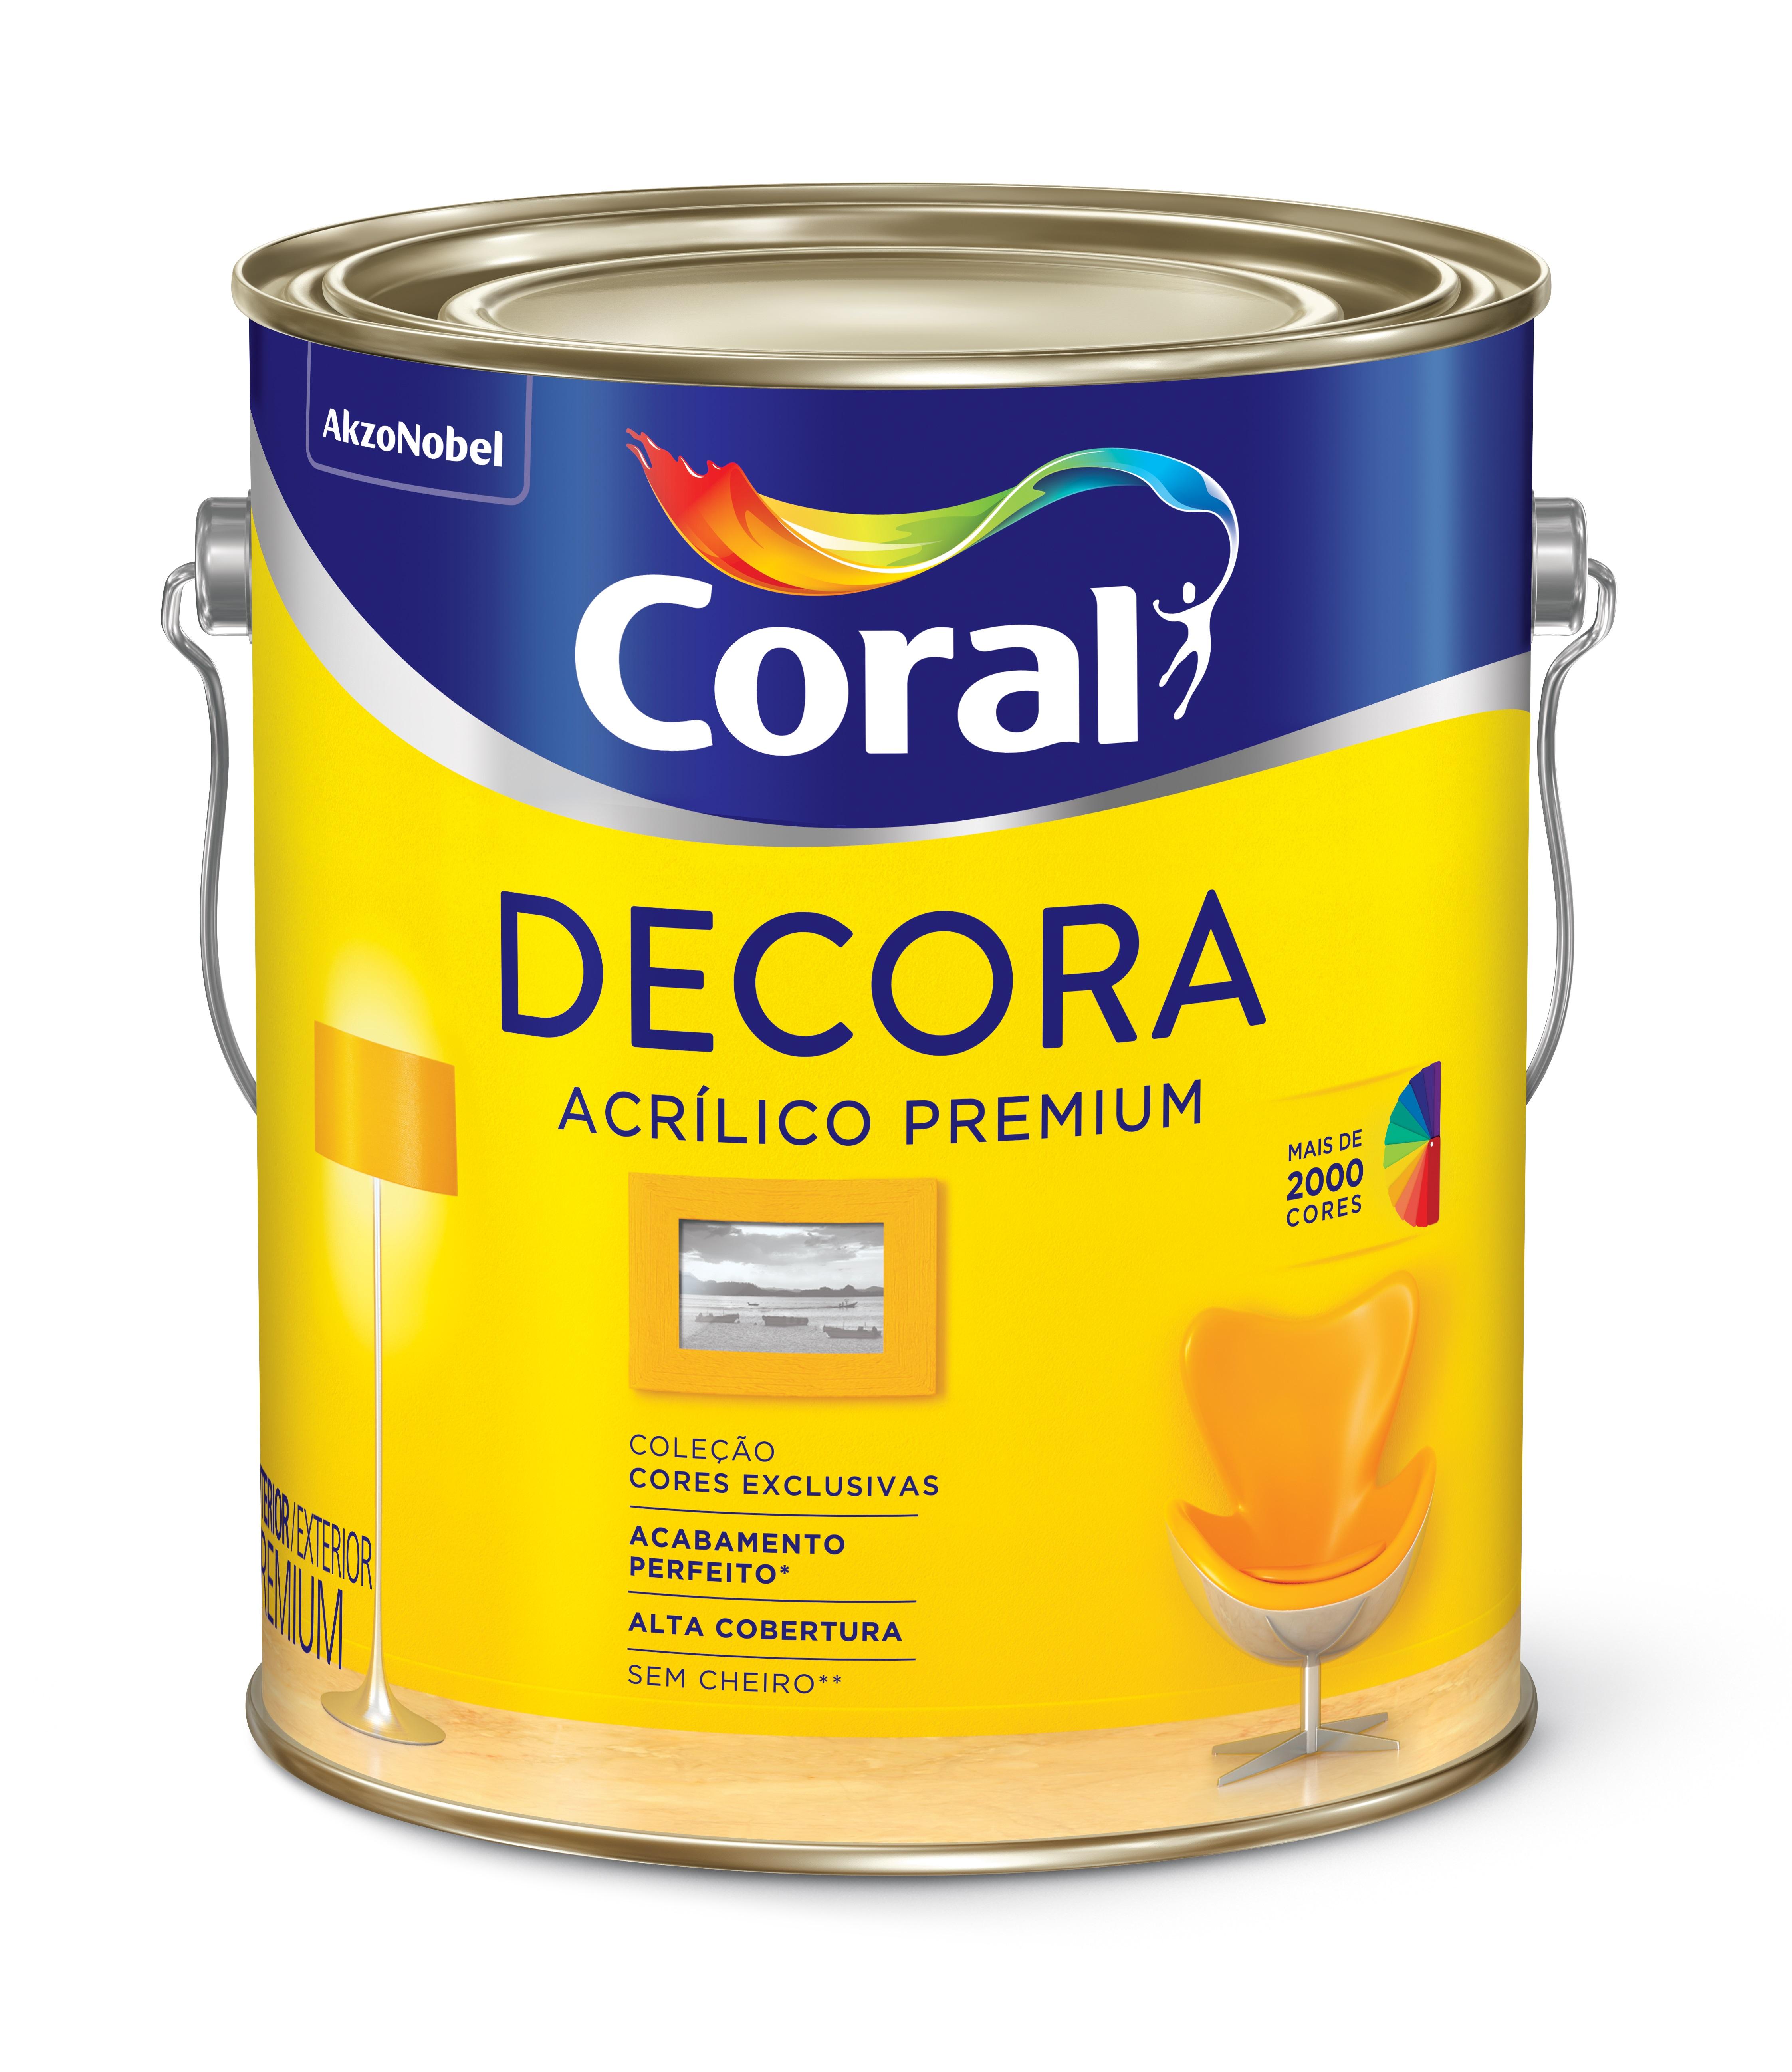 2-coral-casacosp2016